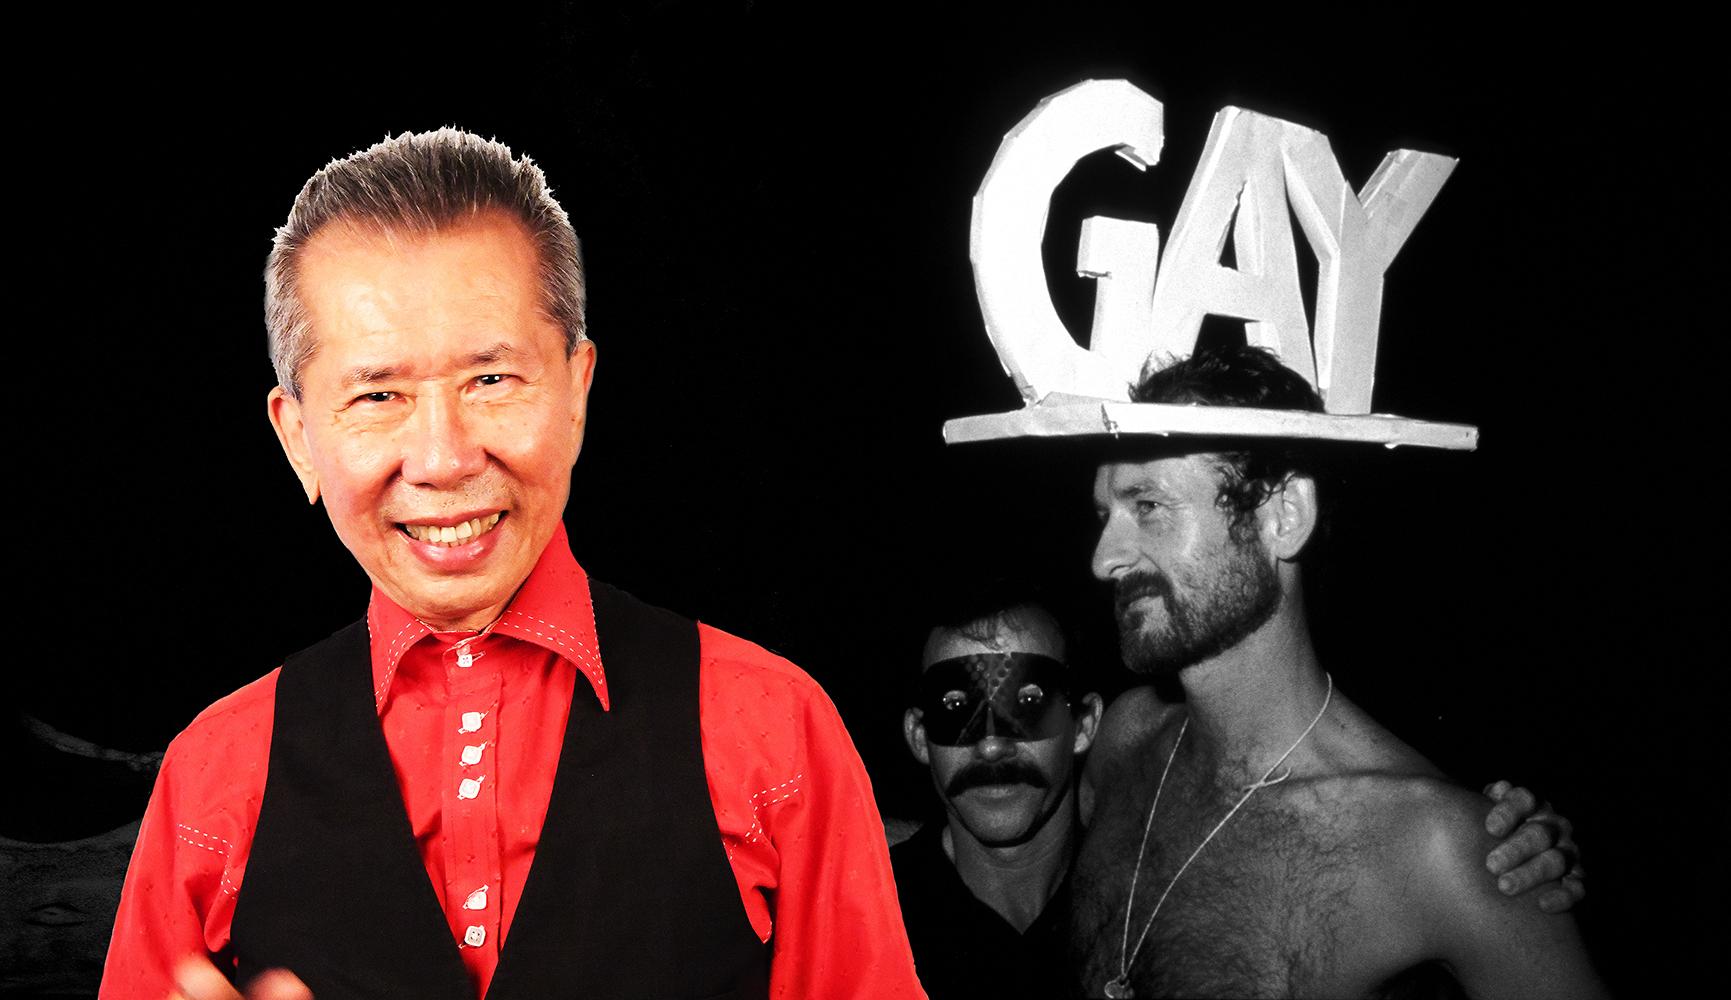 William with big hq gay hat Mardi Gras 1984.